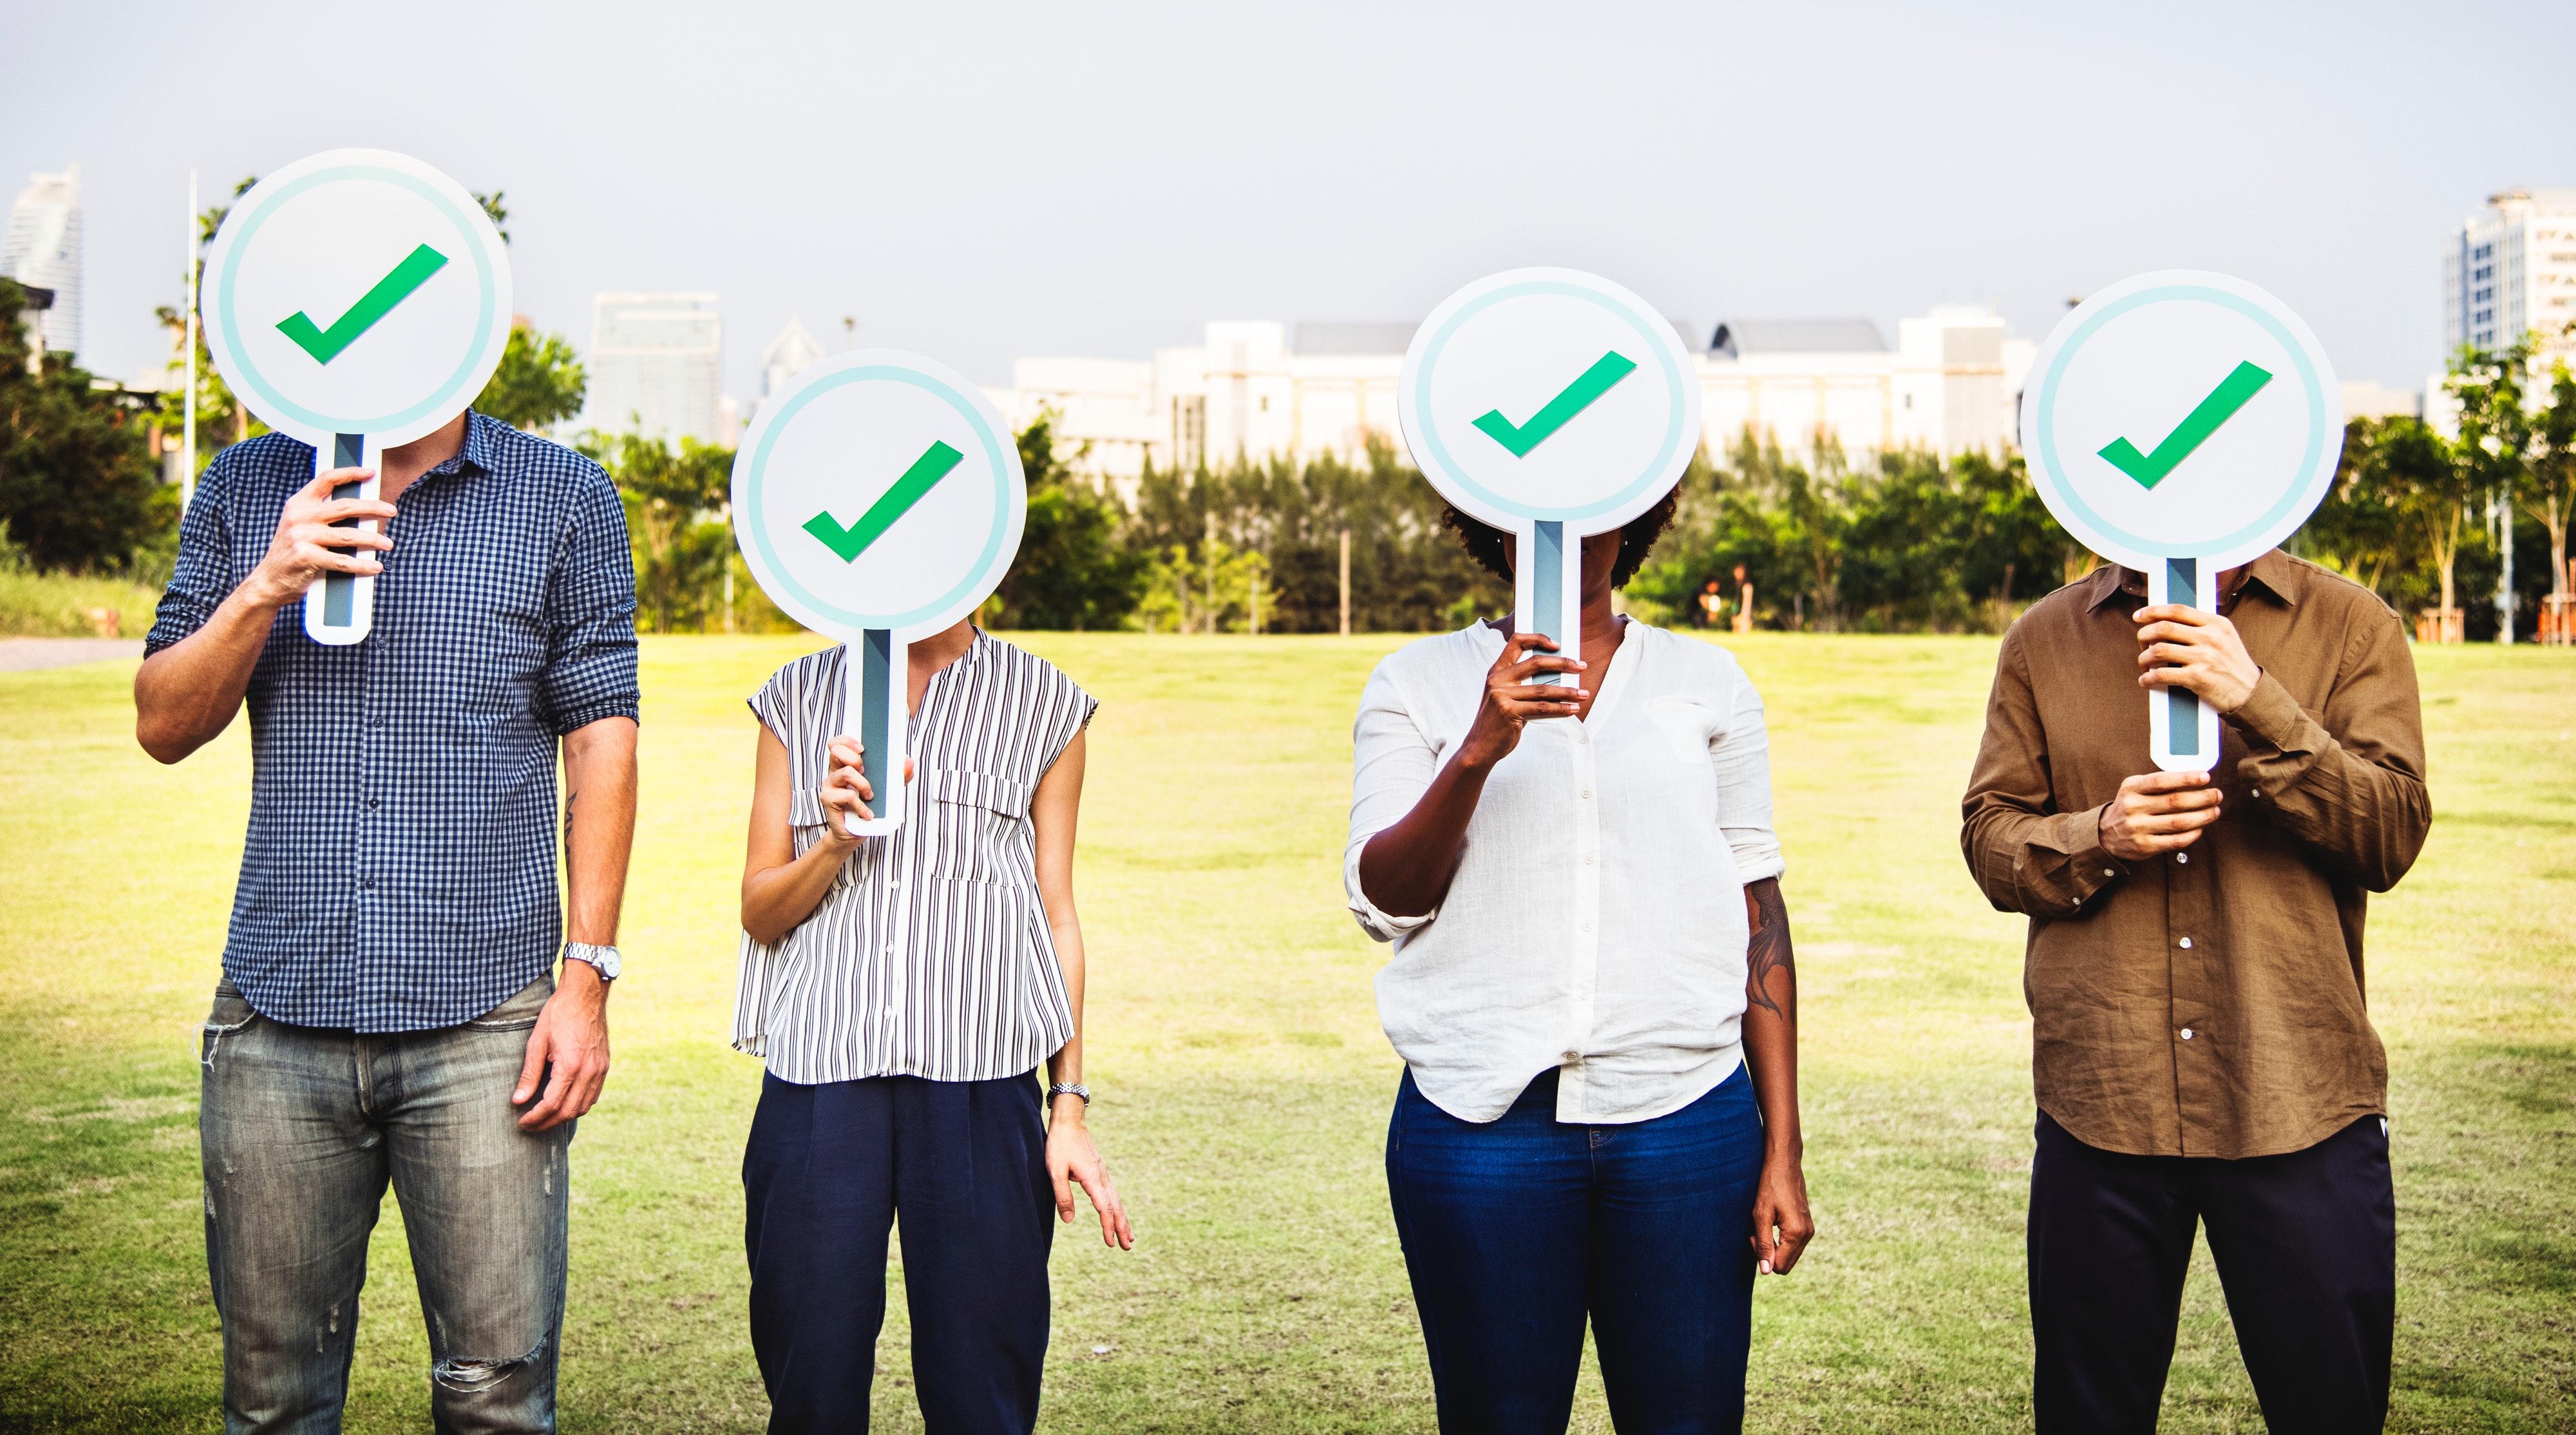 Quais os avanços da tecnologia para o voto eletrônico?